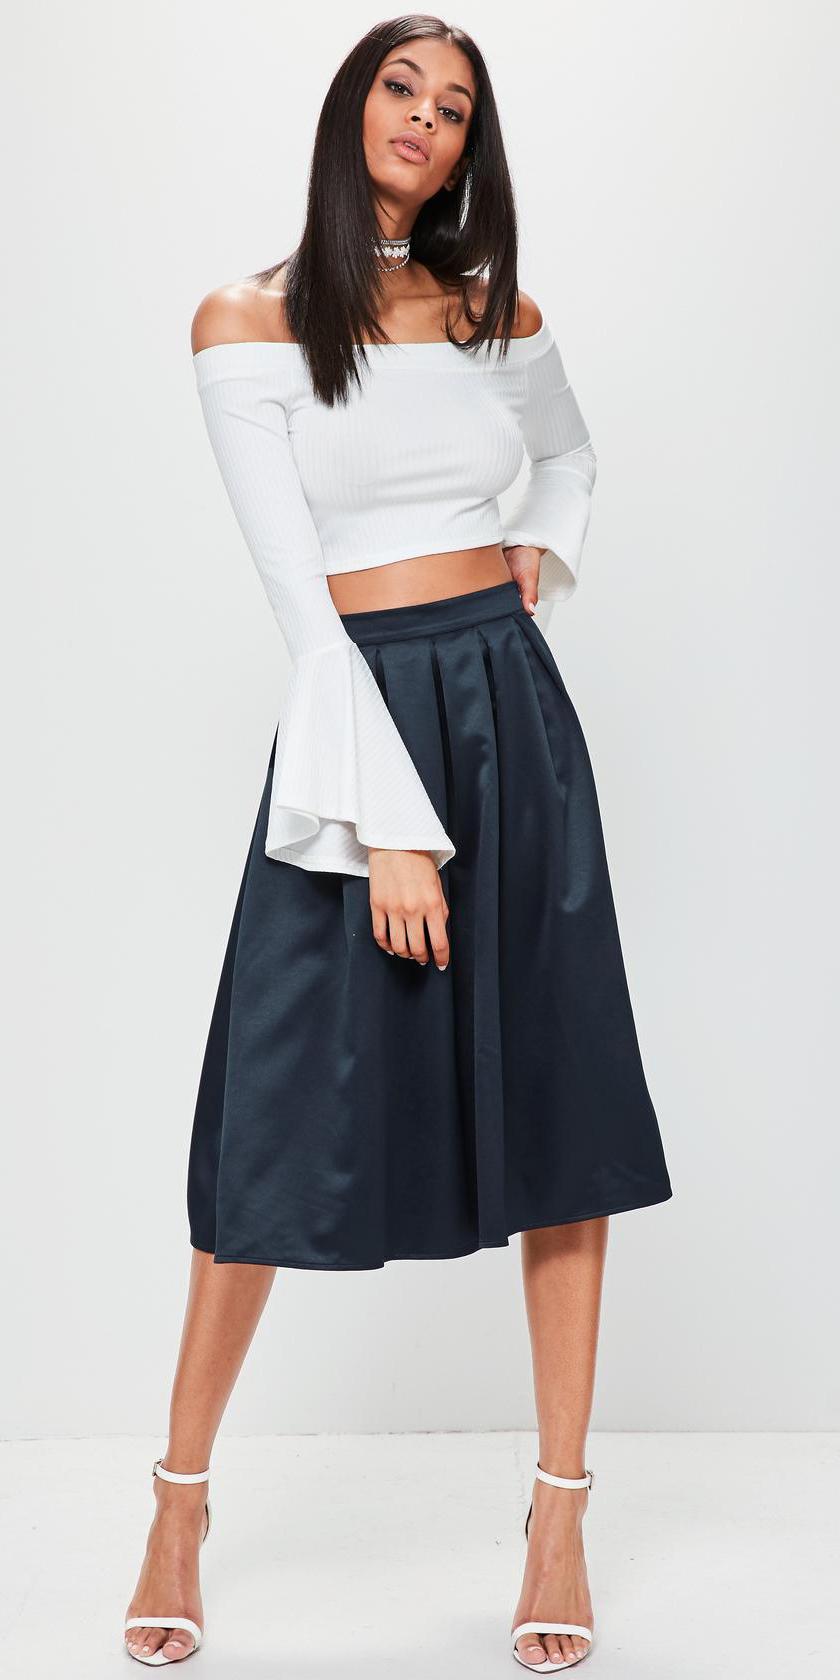 blue-navy-midi-skirt-white-crop-top-bellsleeve-choker-white-shoe-sandalh-spring-summer-brun-dinner.jpg